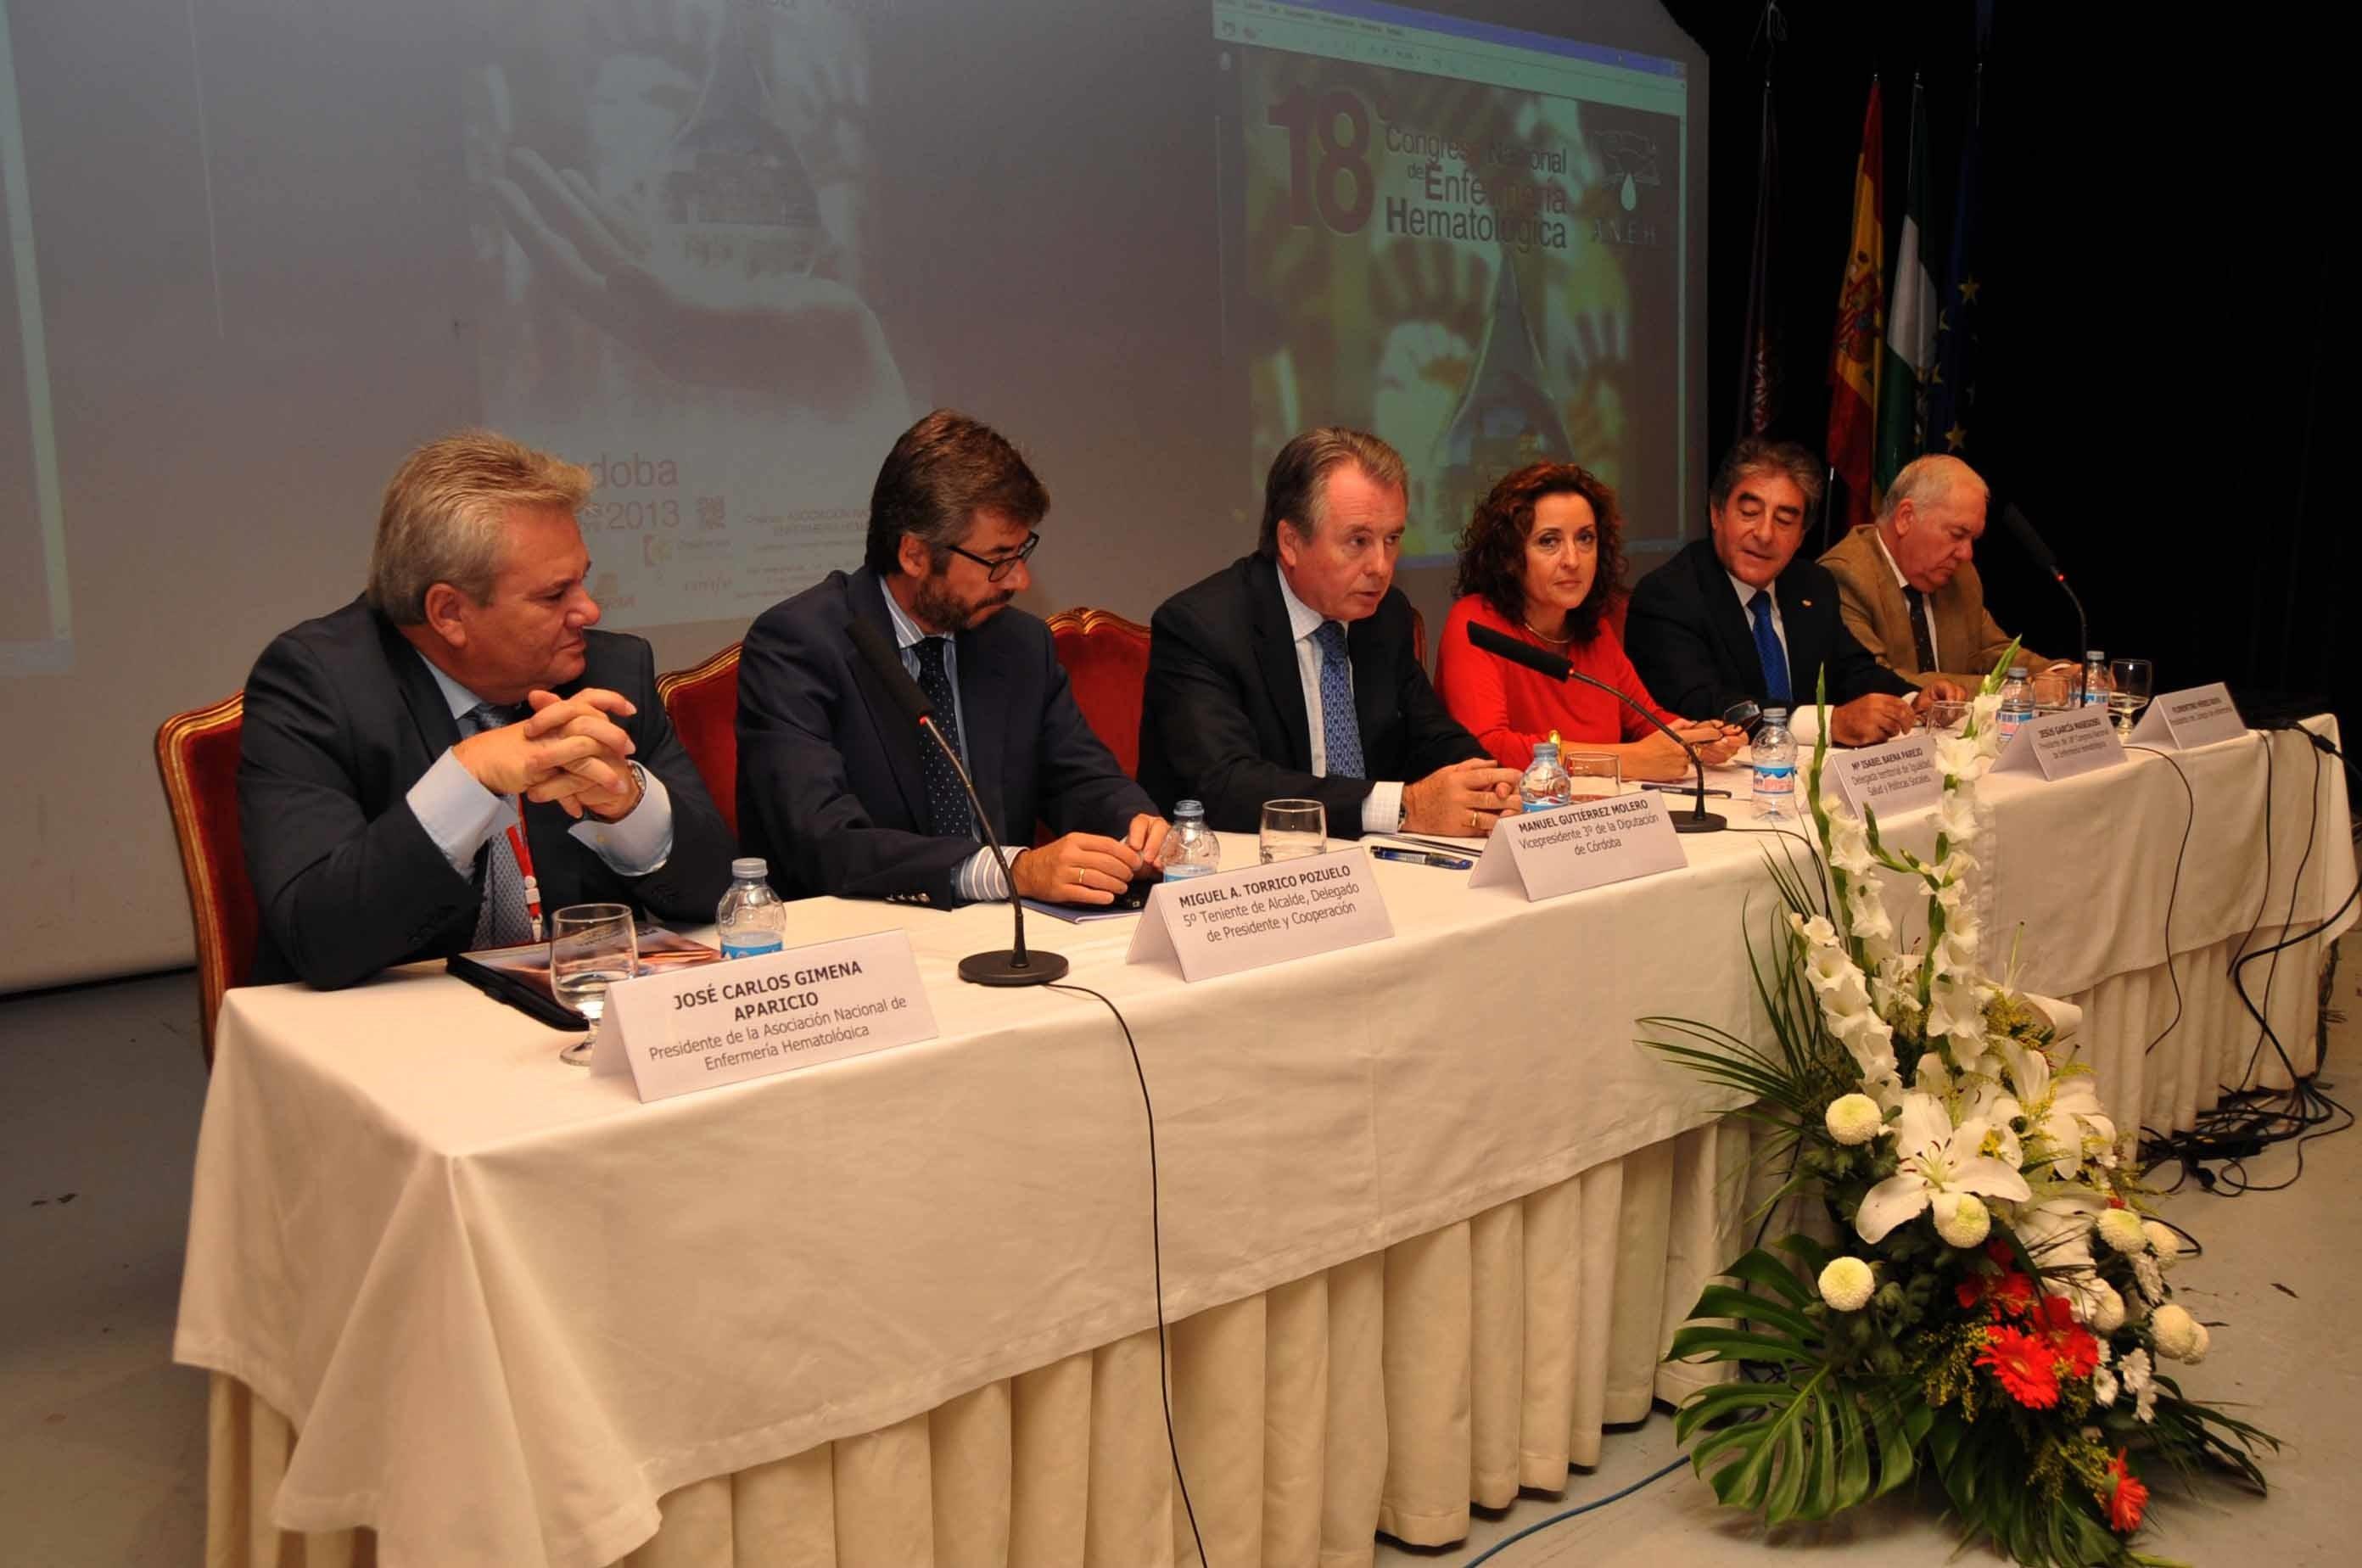 Un congreso aborda las novedades en Enfermería Hematológica